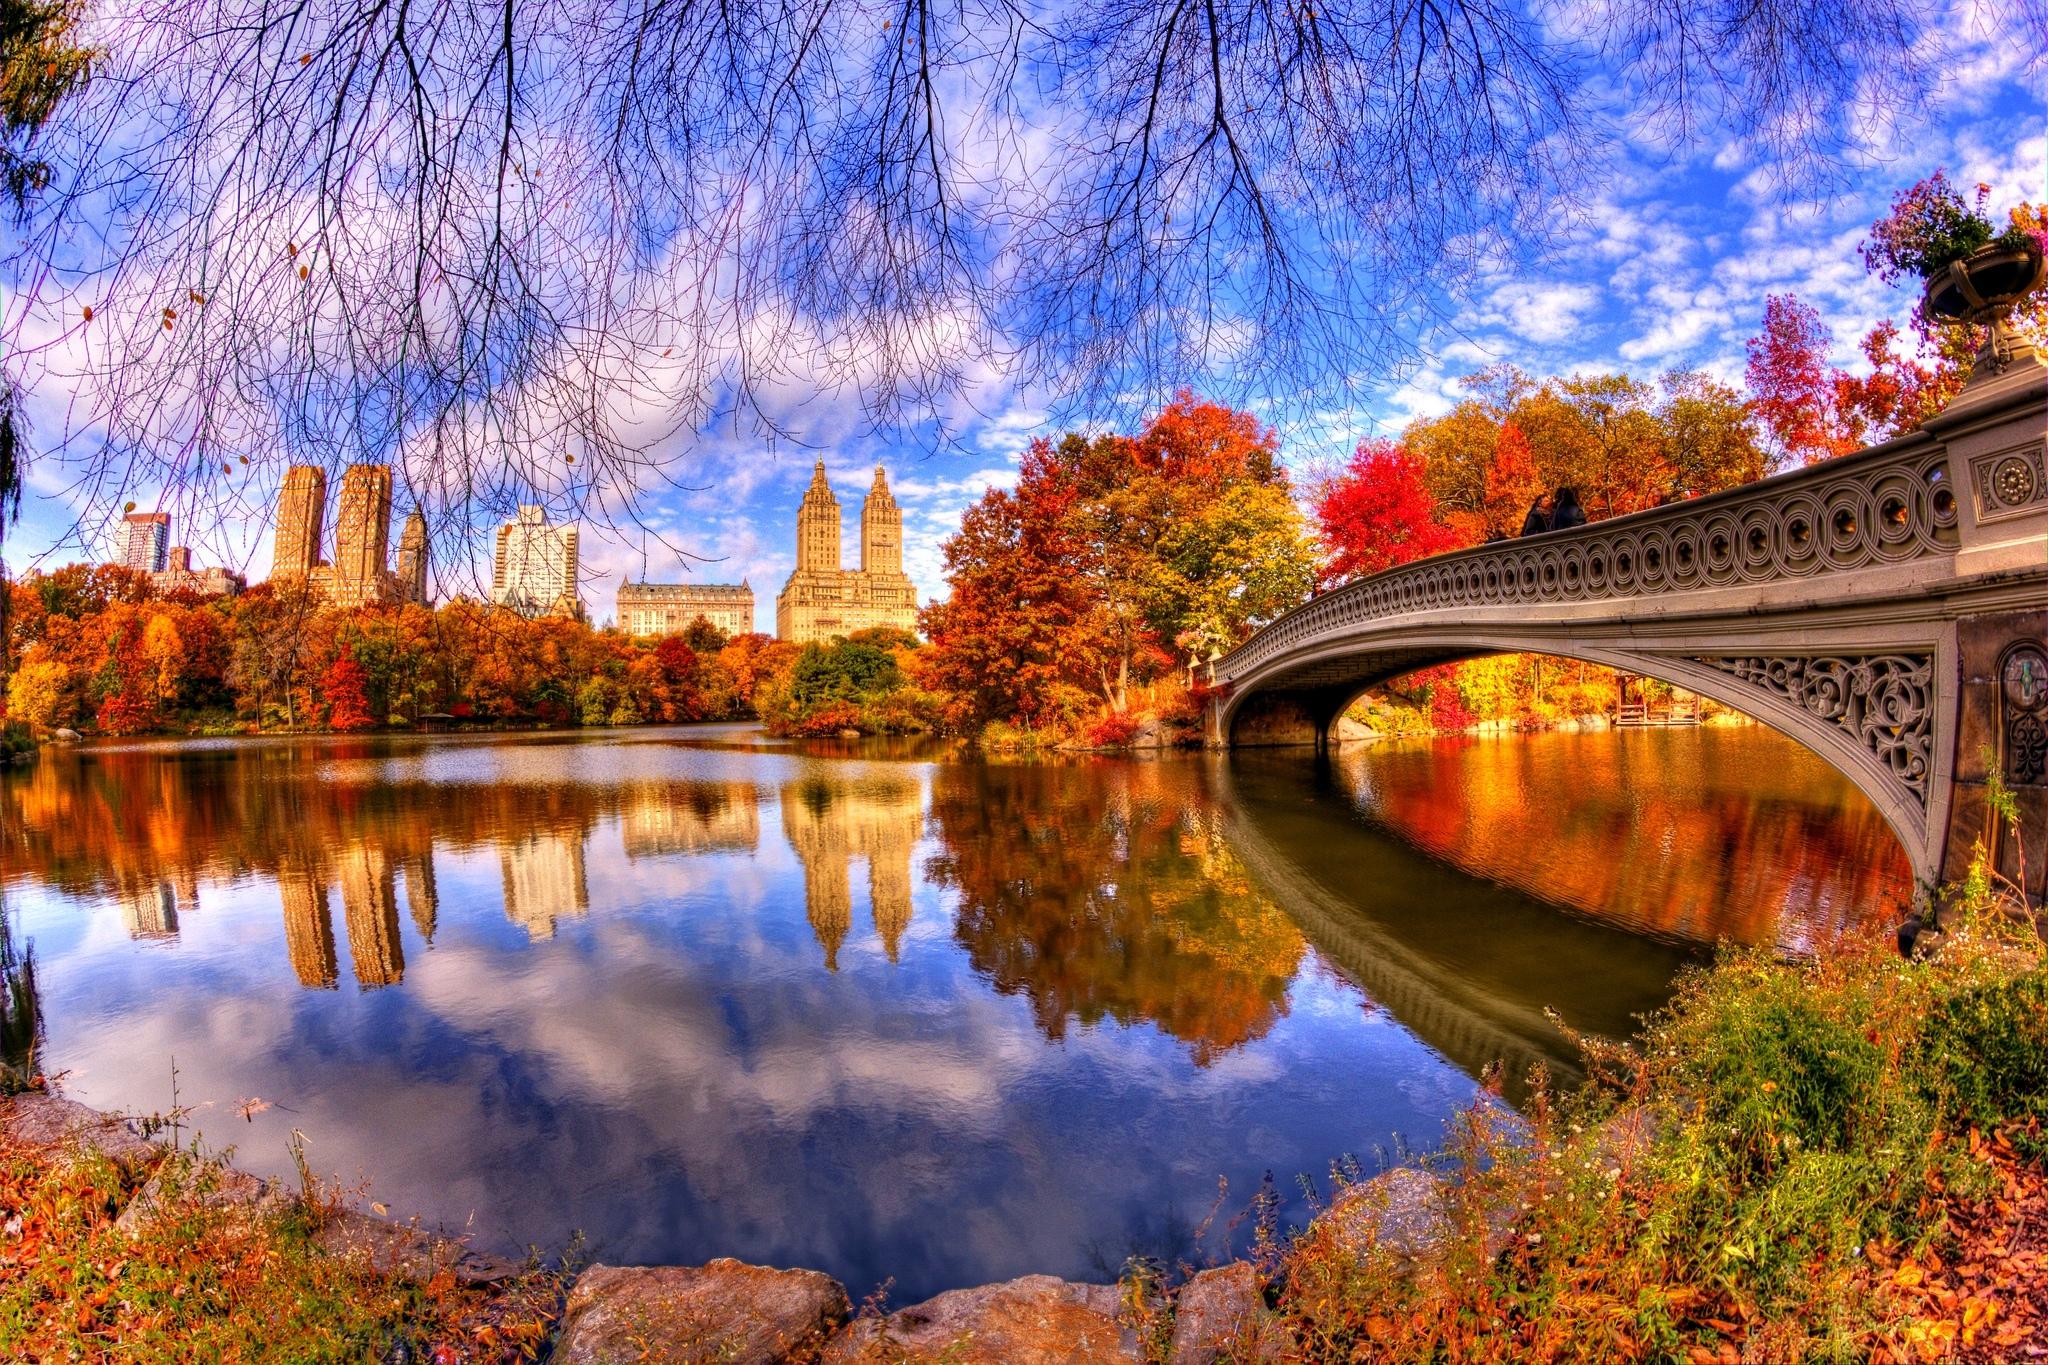 Αποτέλεσμα εικόνας για central park autumn